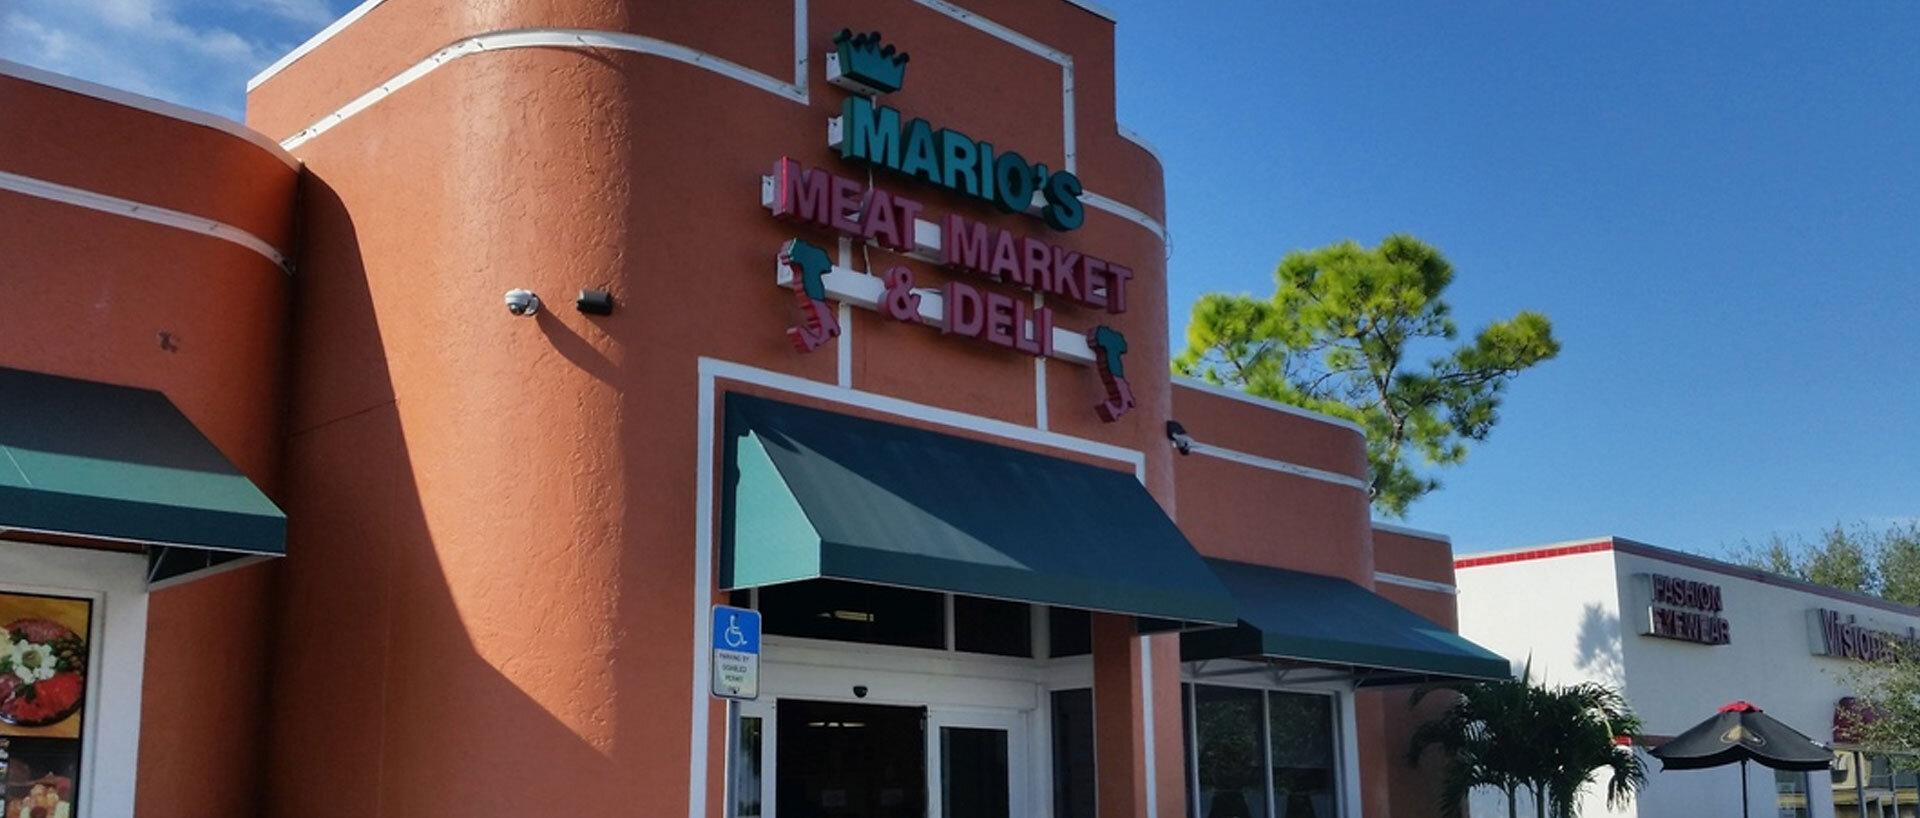 Marios Meat Market and Deli - Location